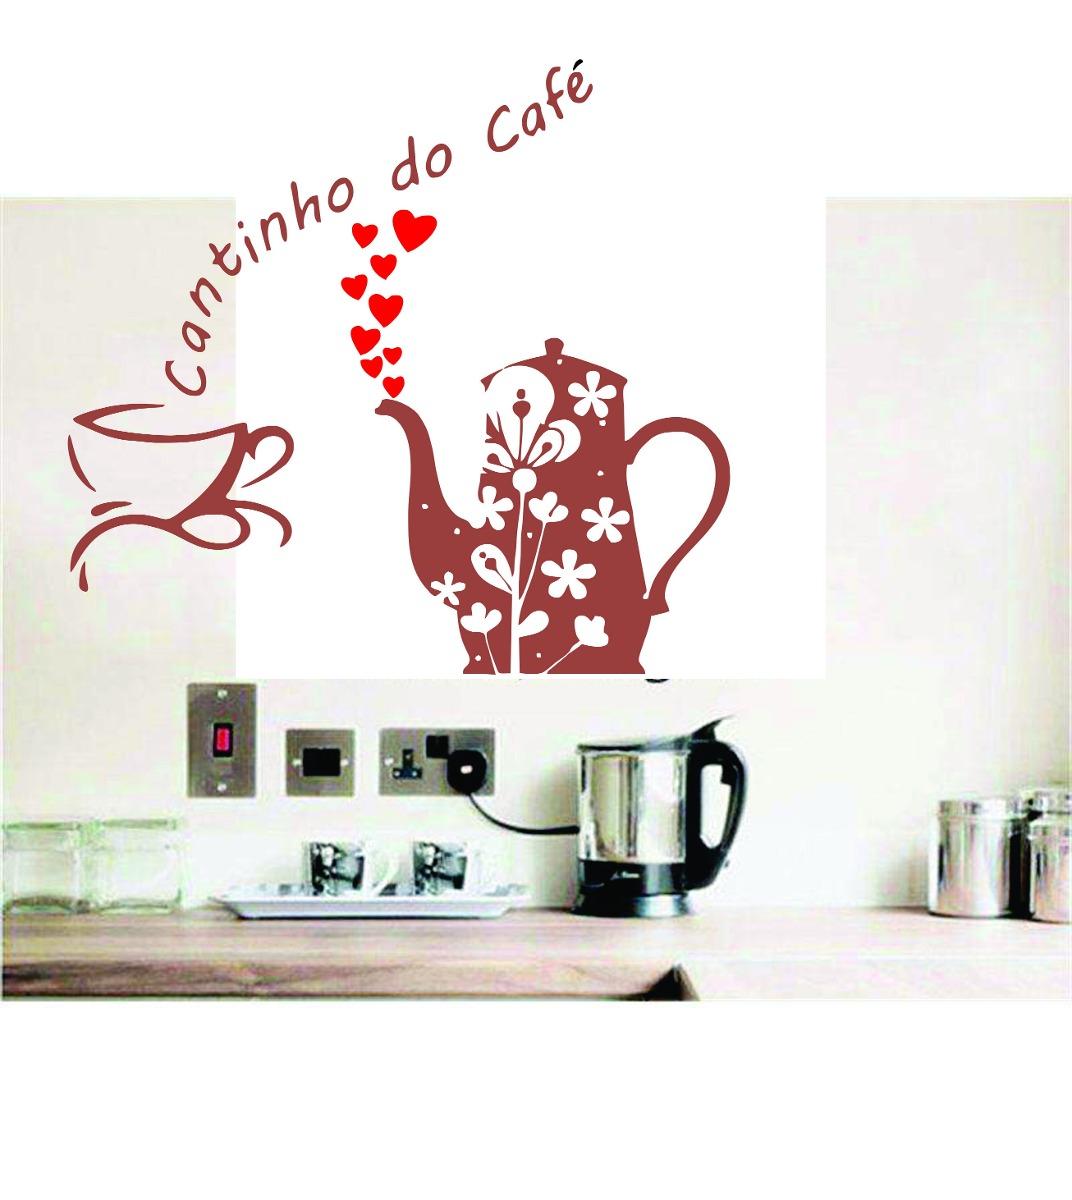 Aparador Azul Tifany ~ Adesivo Parede Cozinha Cantinho Do Café Xícara Coraç u00e3o R$ 25,99 em Mercado Livre